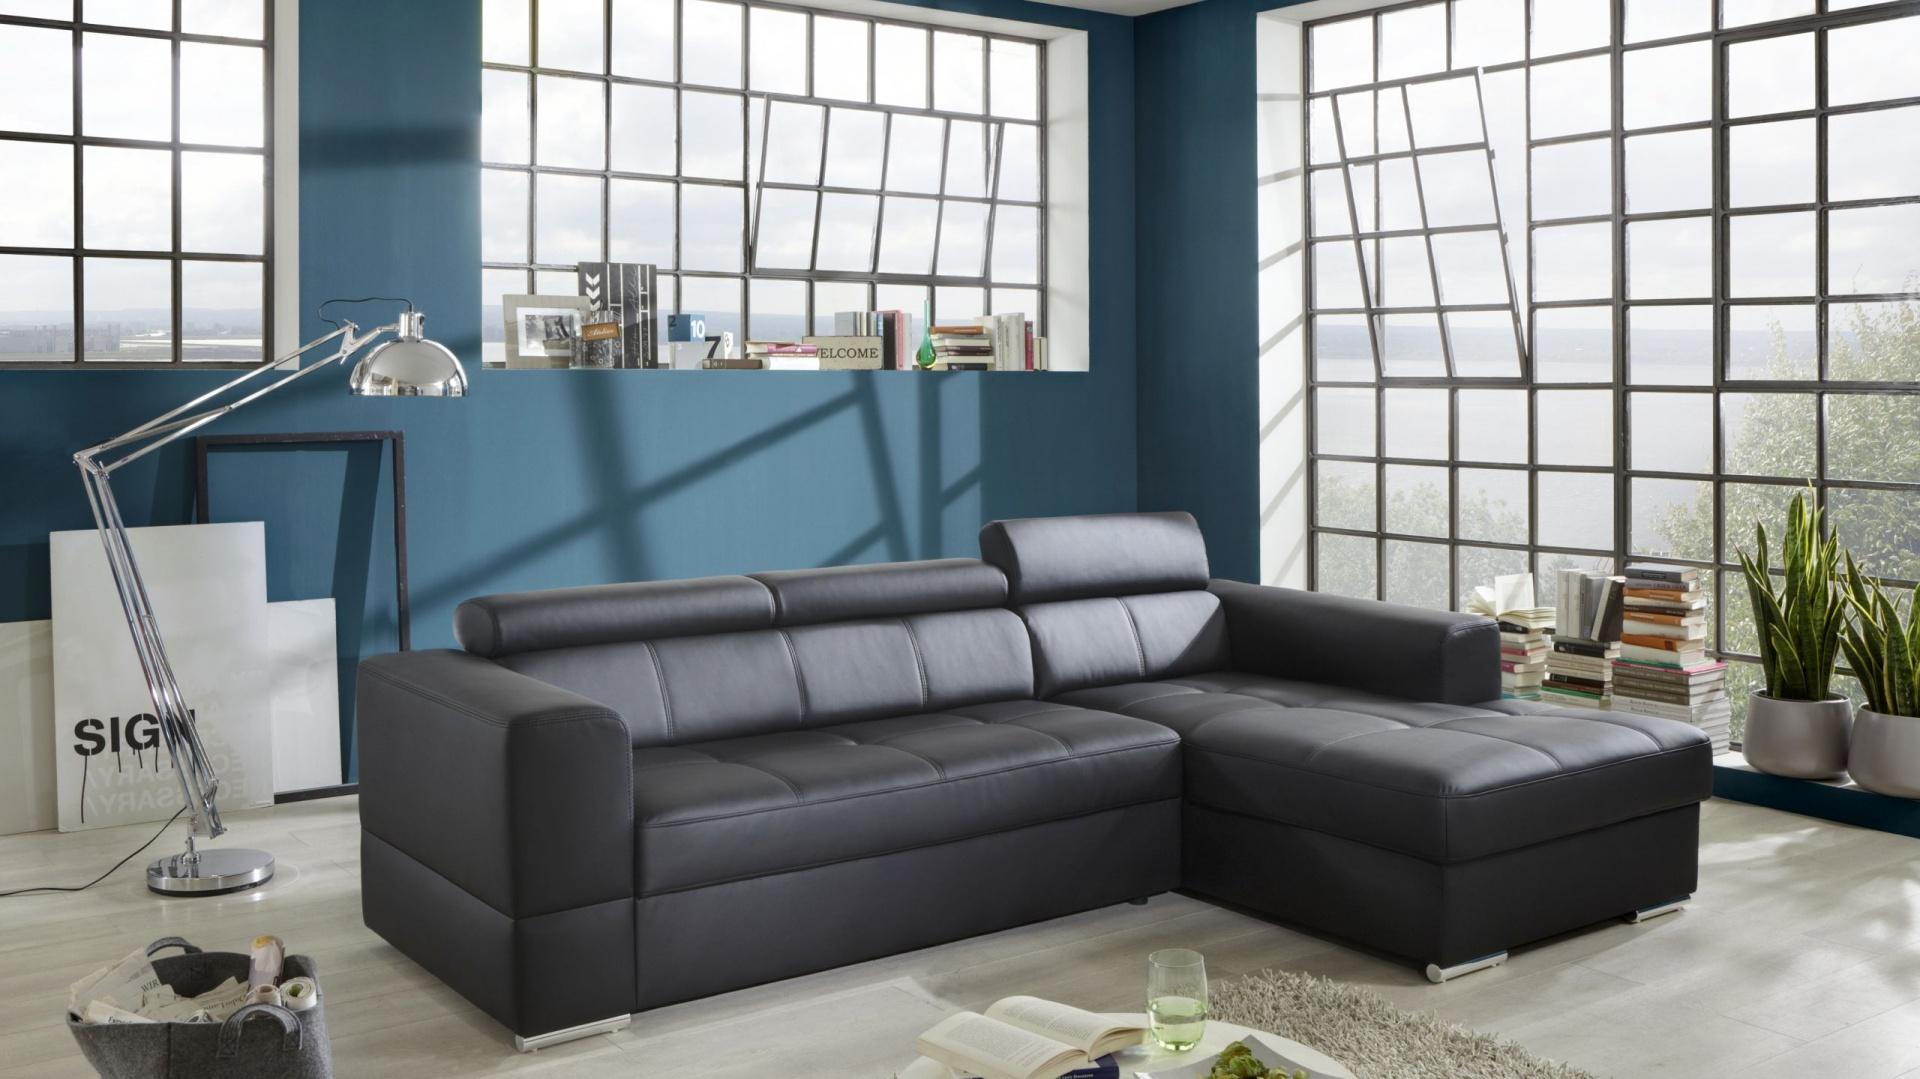 Sofa W Salonie Nowoczesne Meble W Uniwersalnych Kolorach